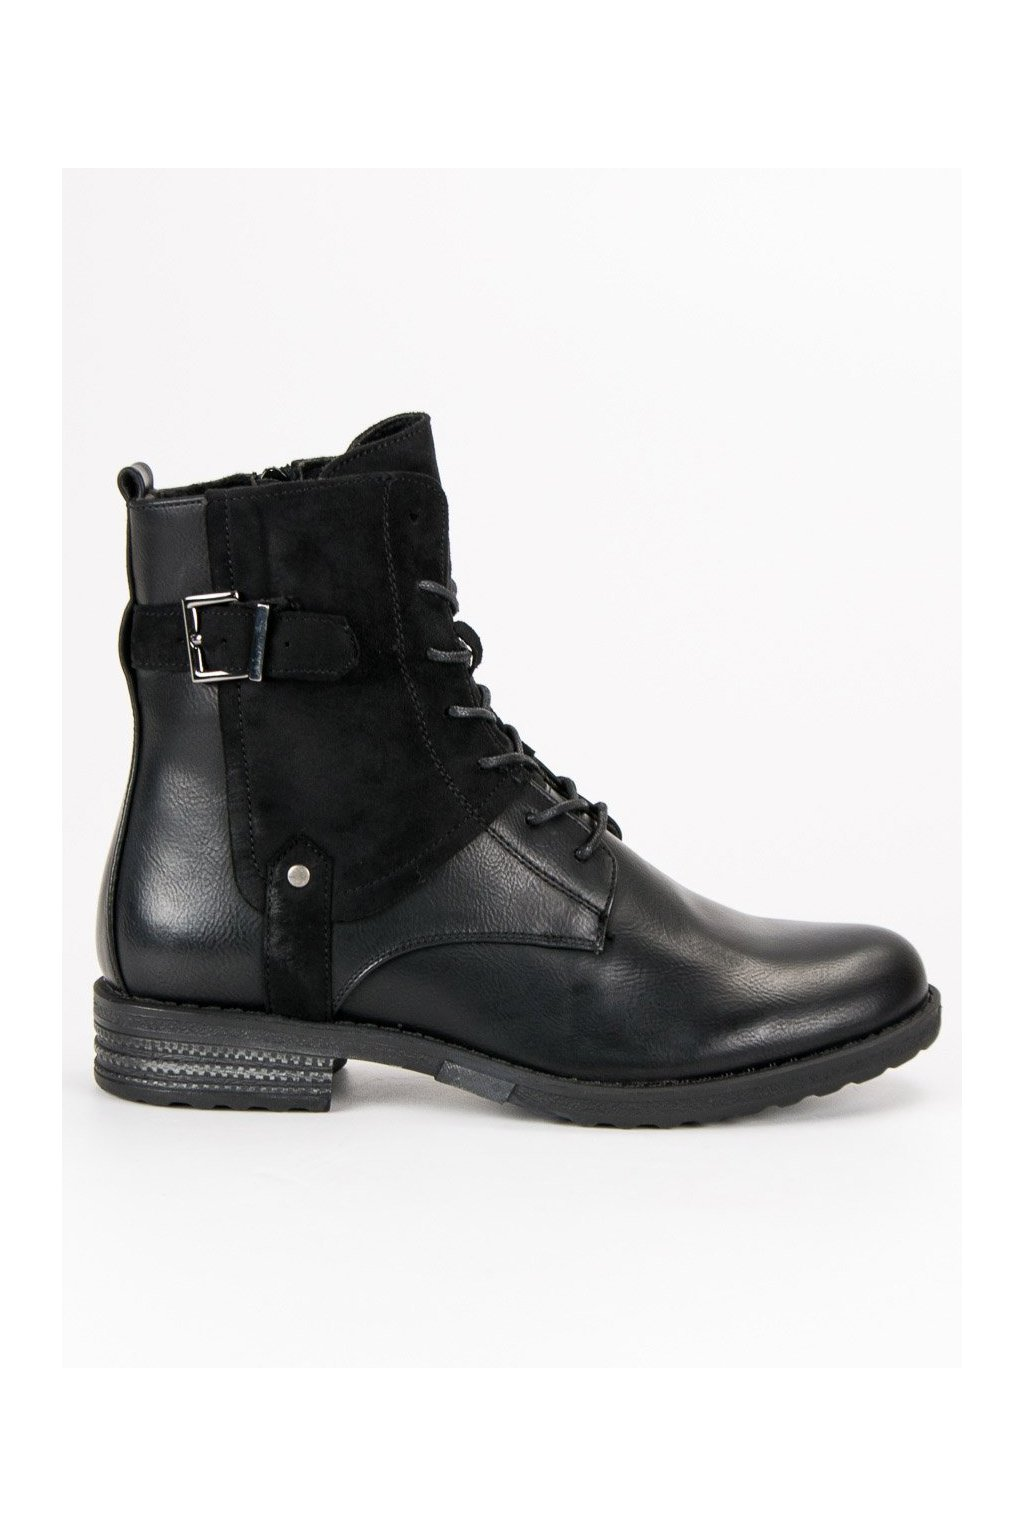 Dámske čierne topánky štýlové workery s prackou Filippo dfe65e9361f